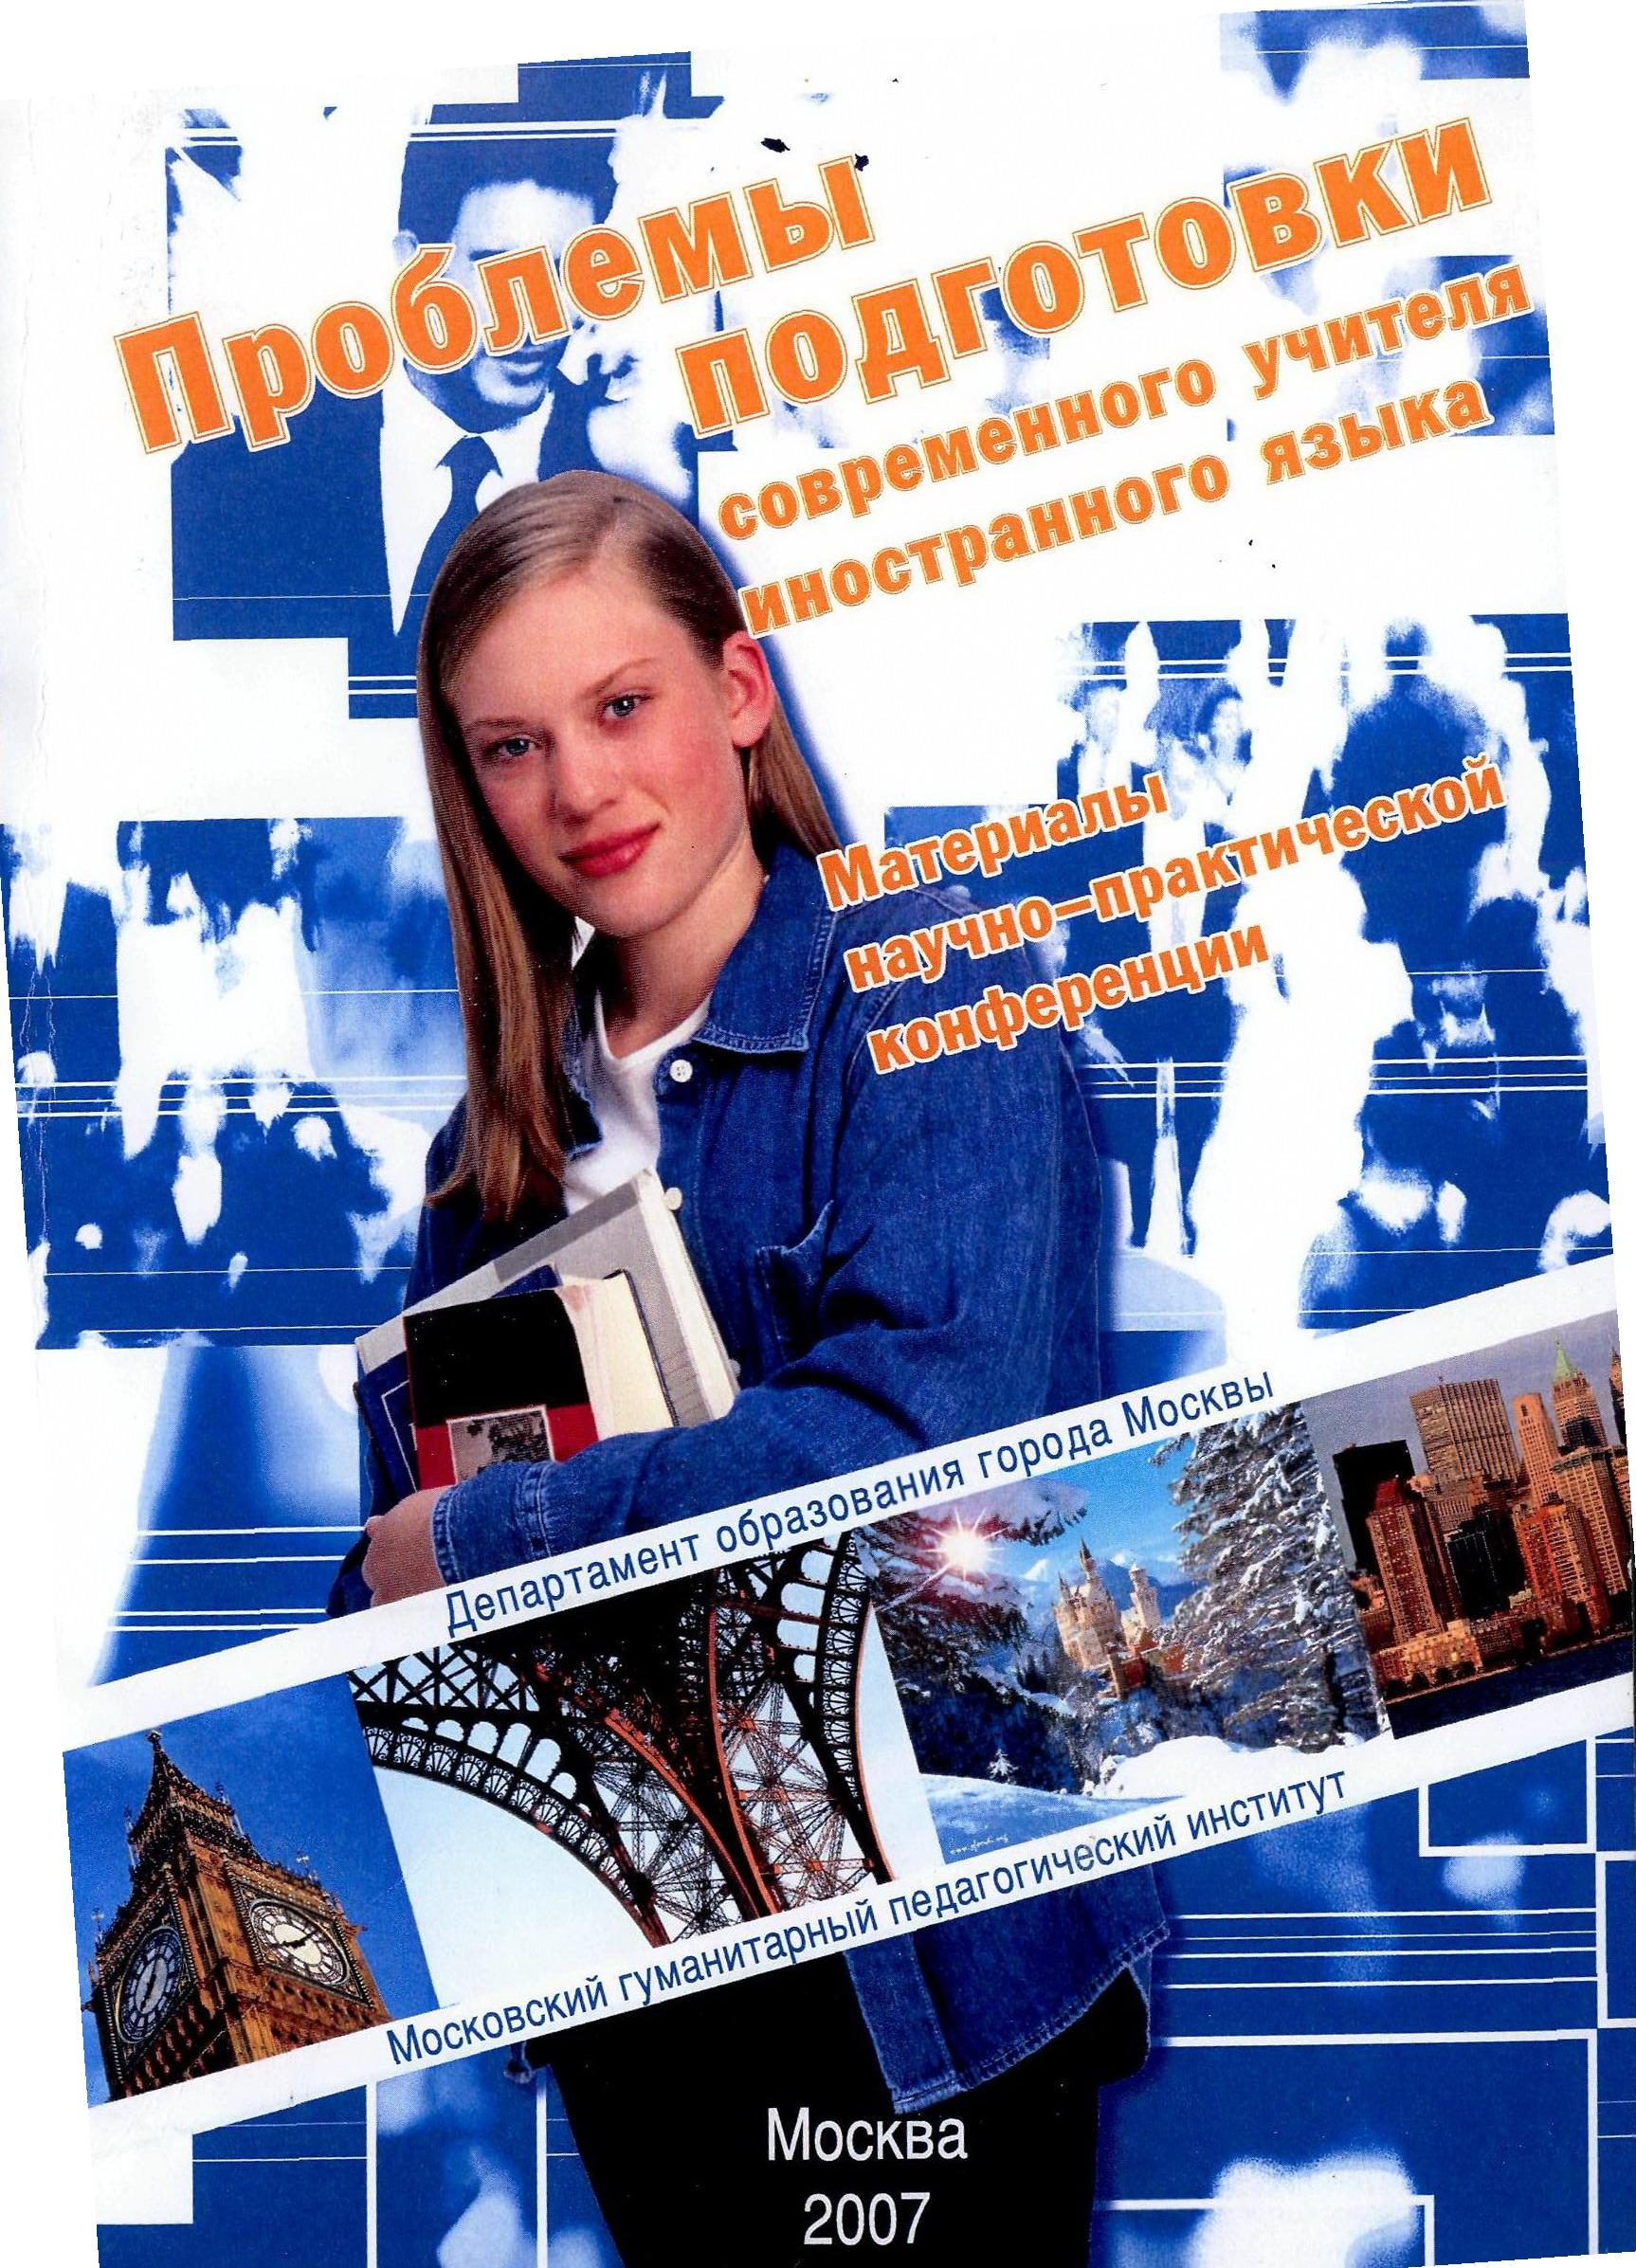 Обучение грамматике французского языка как второго с позиций дифференцированного и функционального подходов к грамматическому материалу